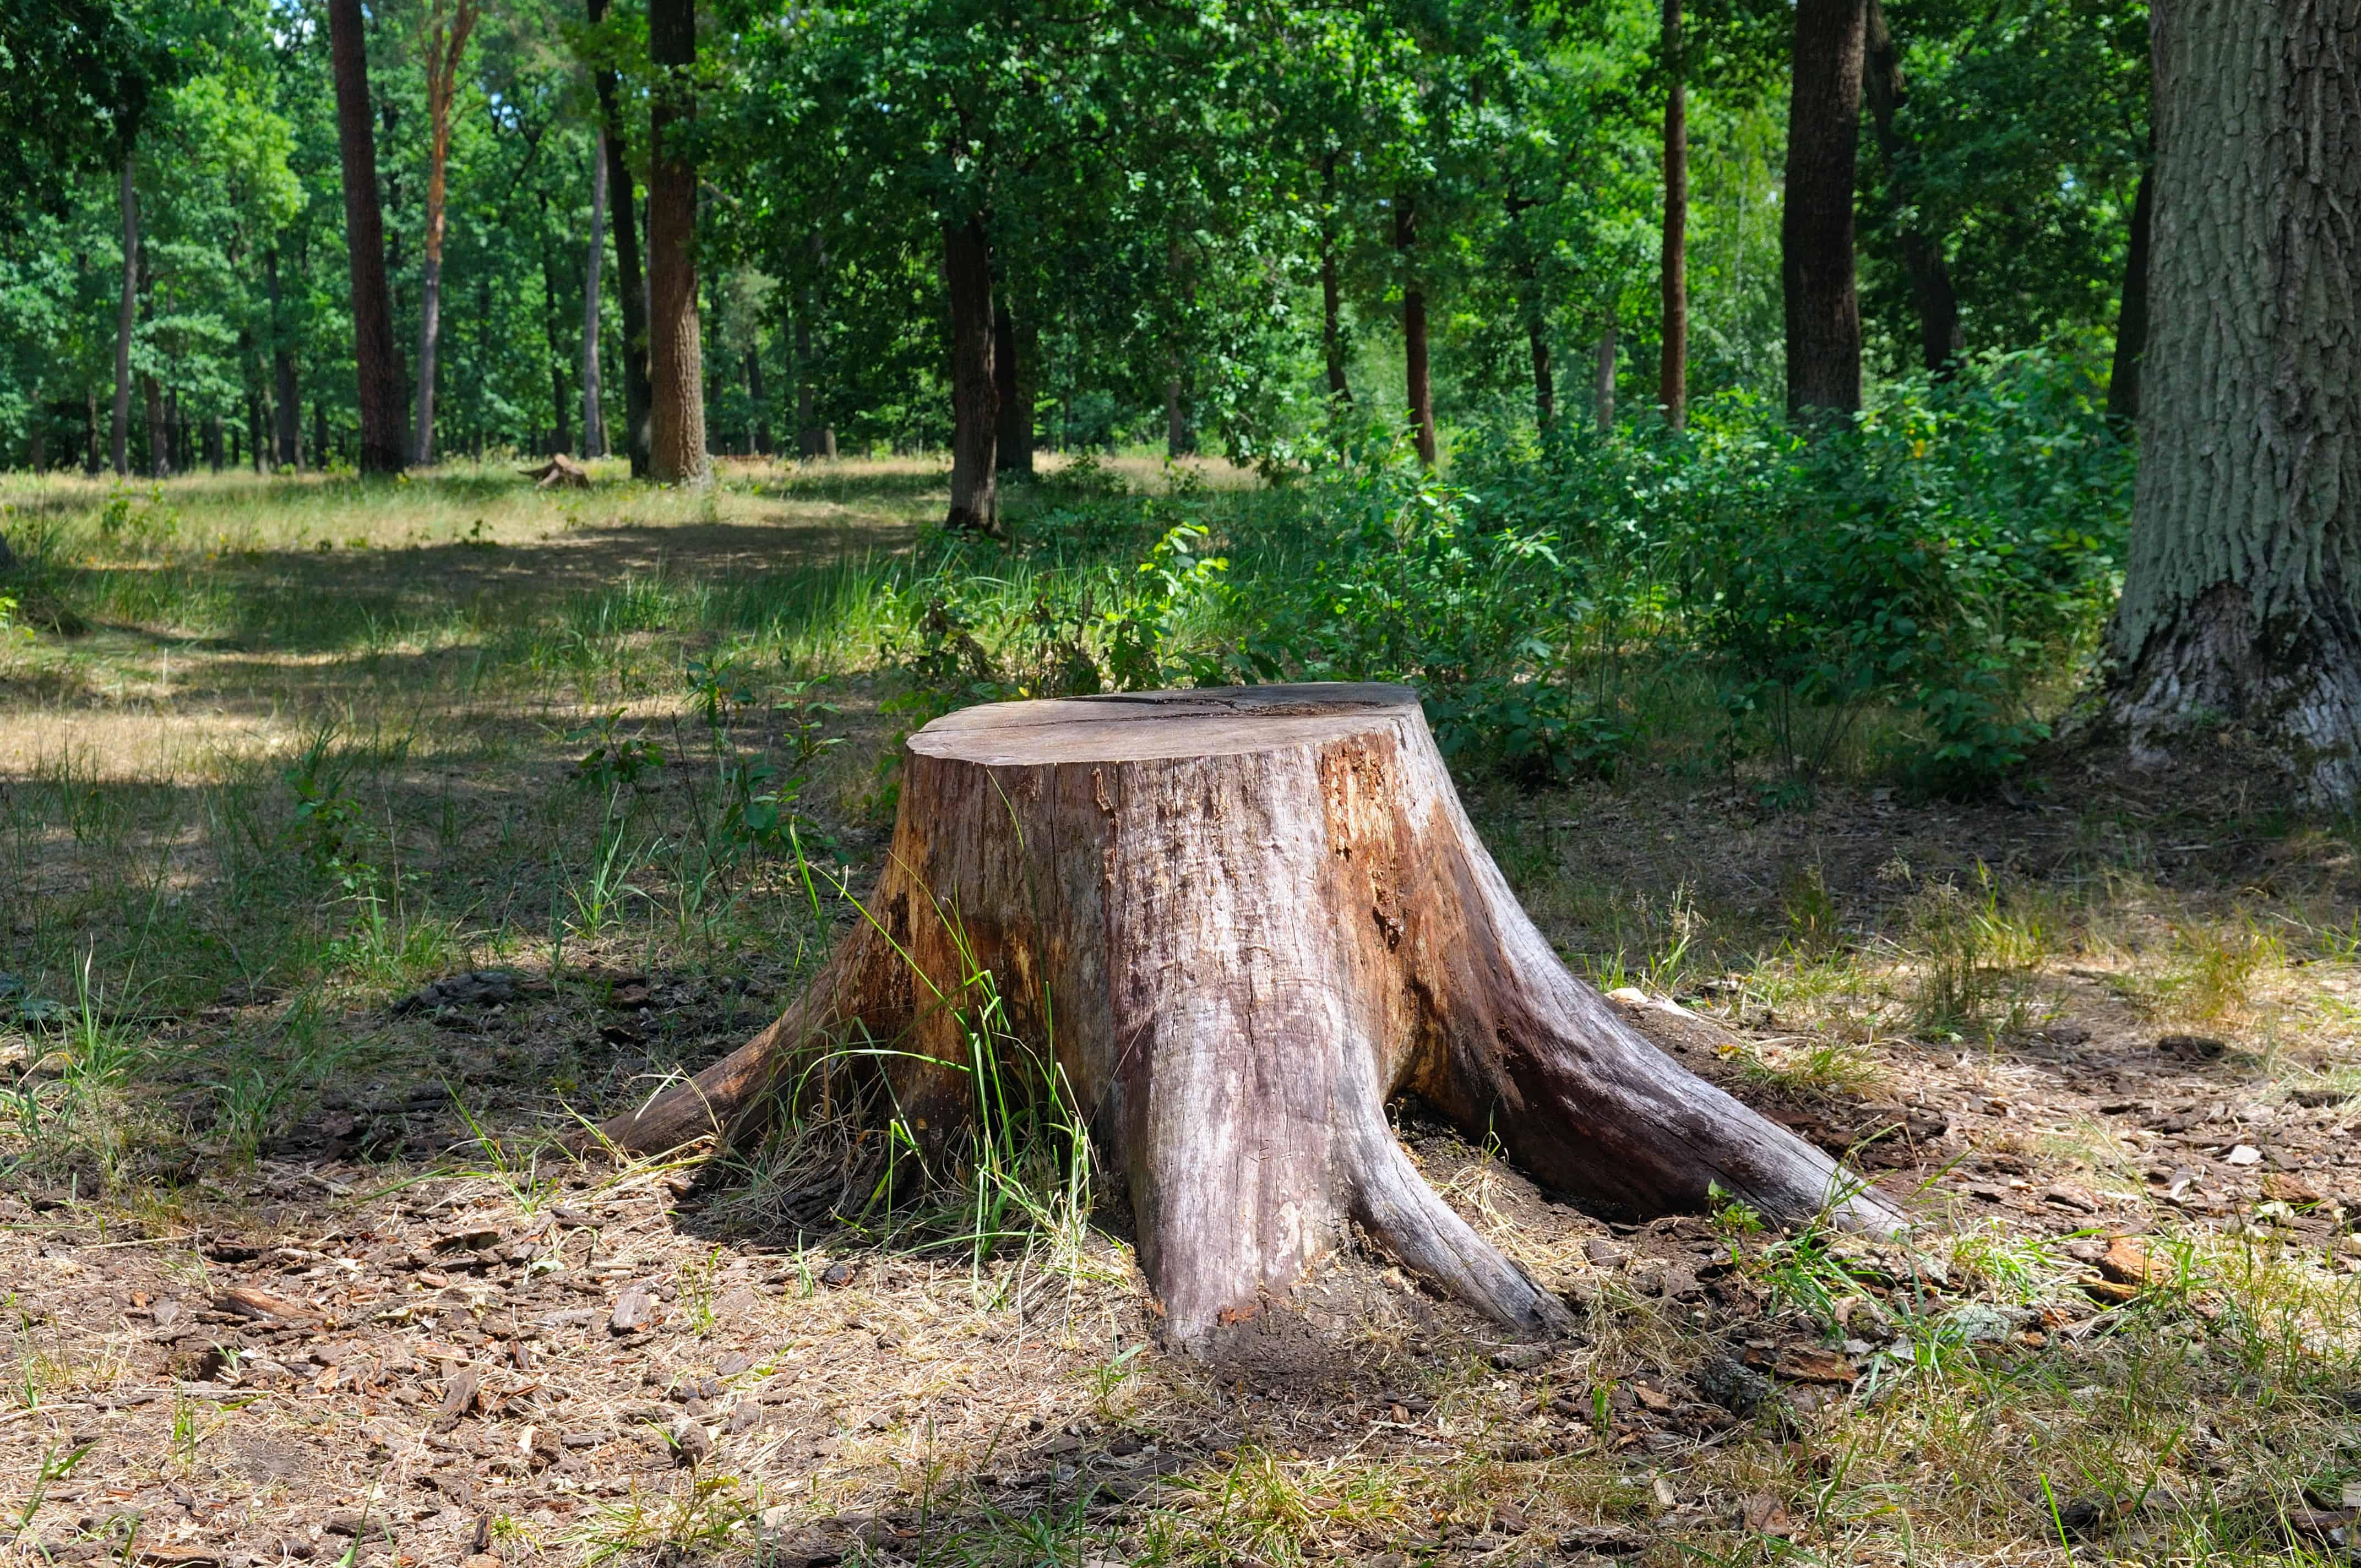 Baumstumpf entfernen: Nützliche Anleitung und Methoden